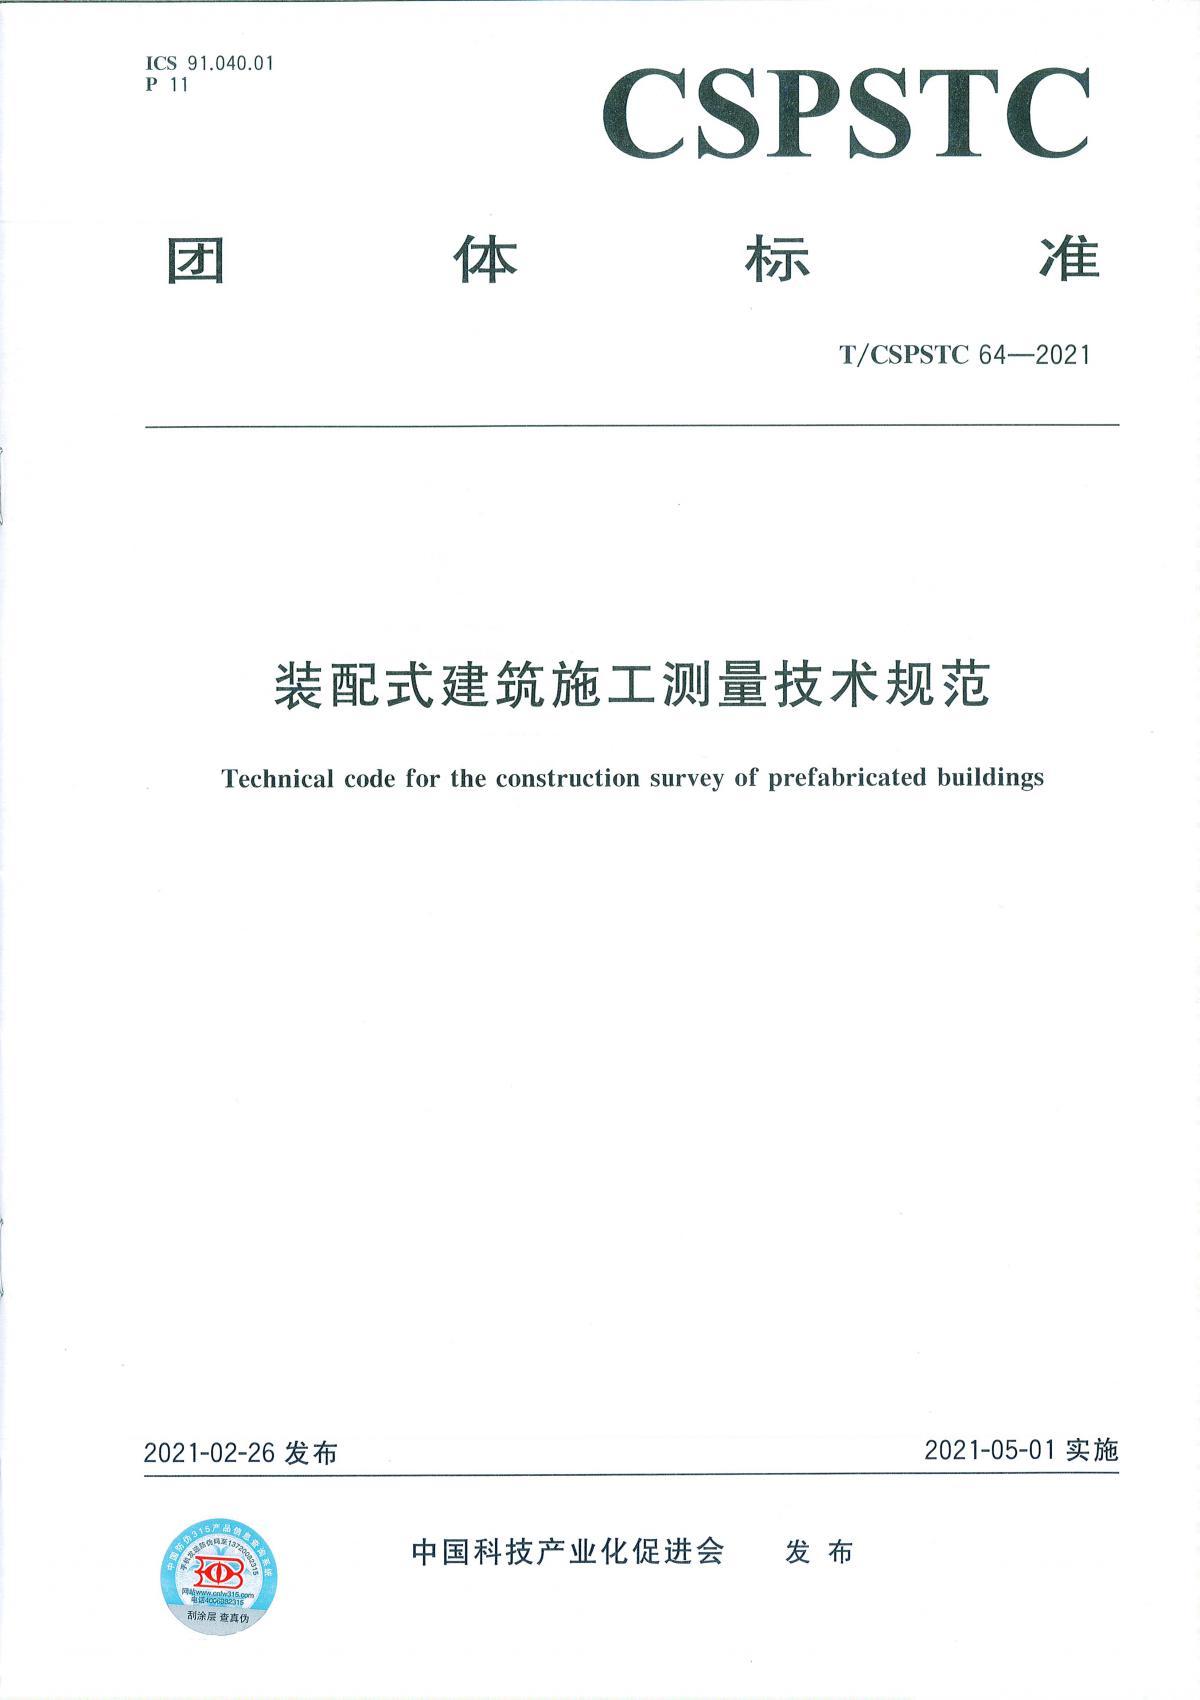 团体标准《装配式建筑施工测量技术规范》发布